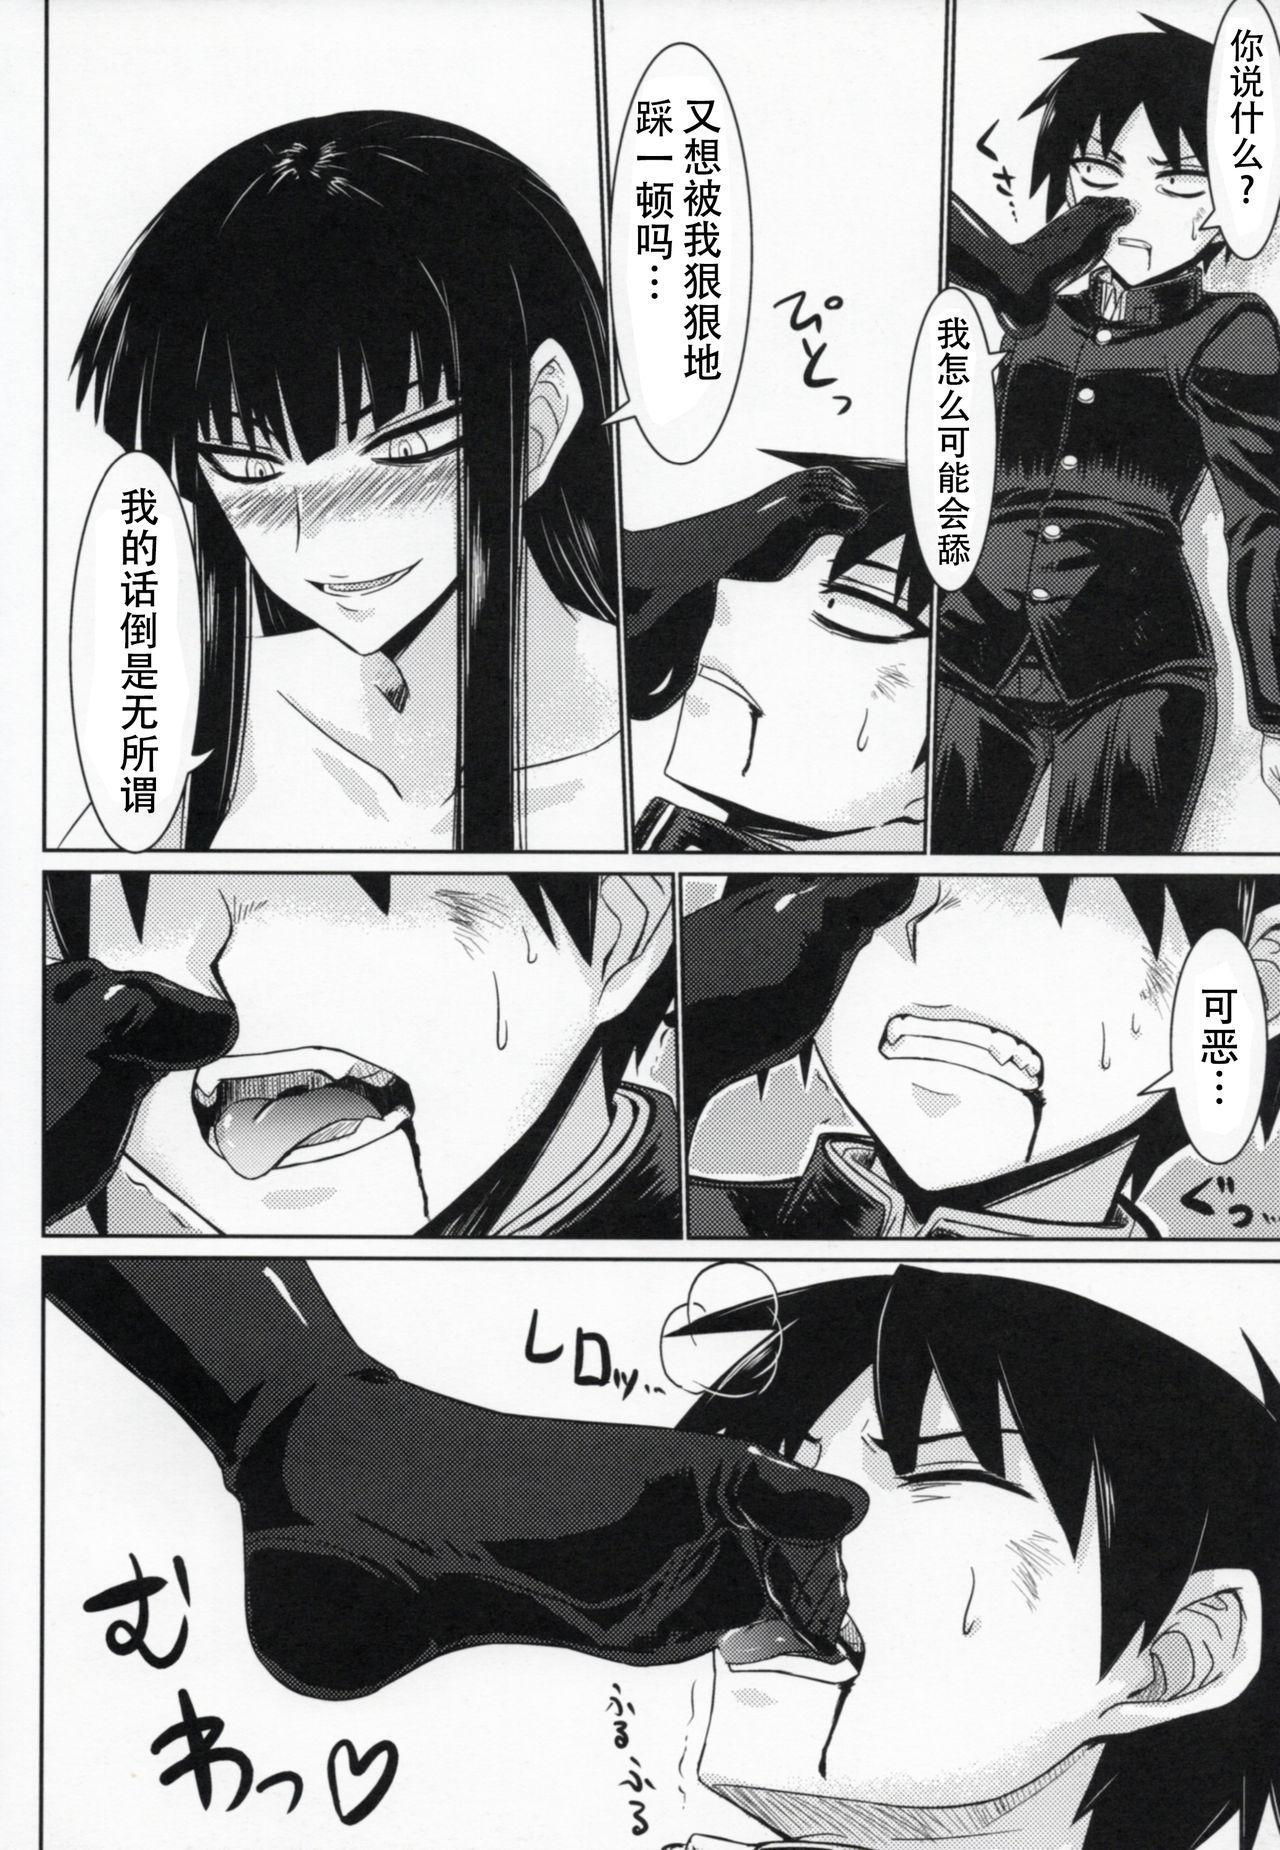 Houkago Sex 3 7